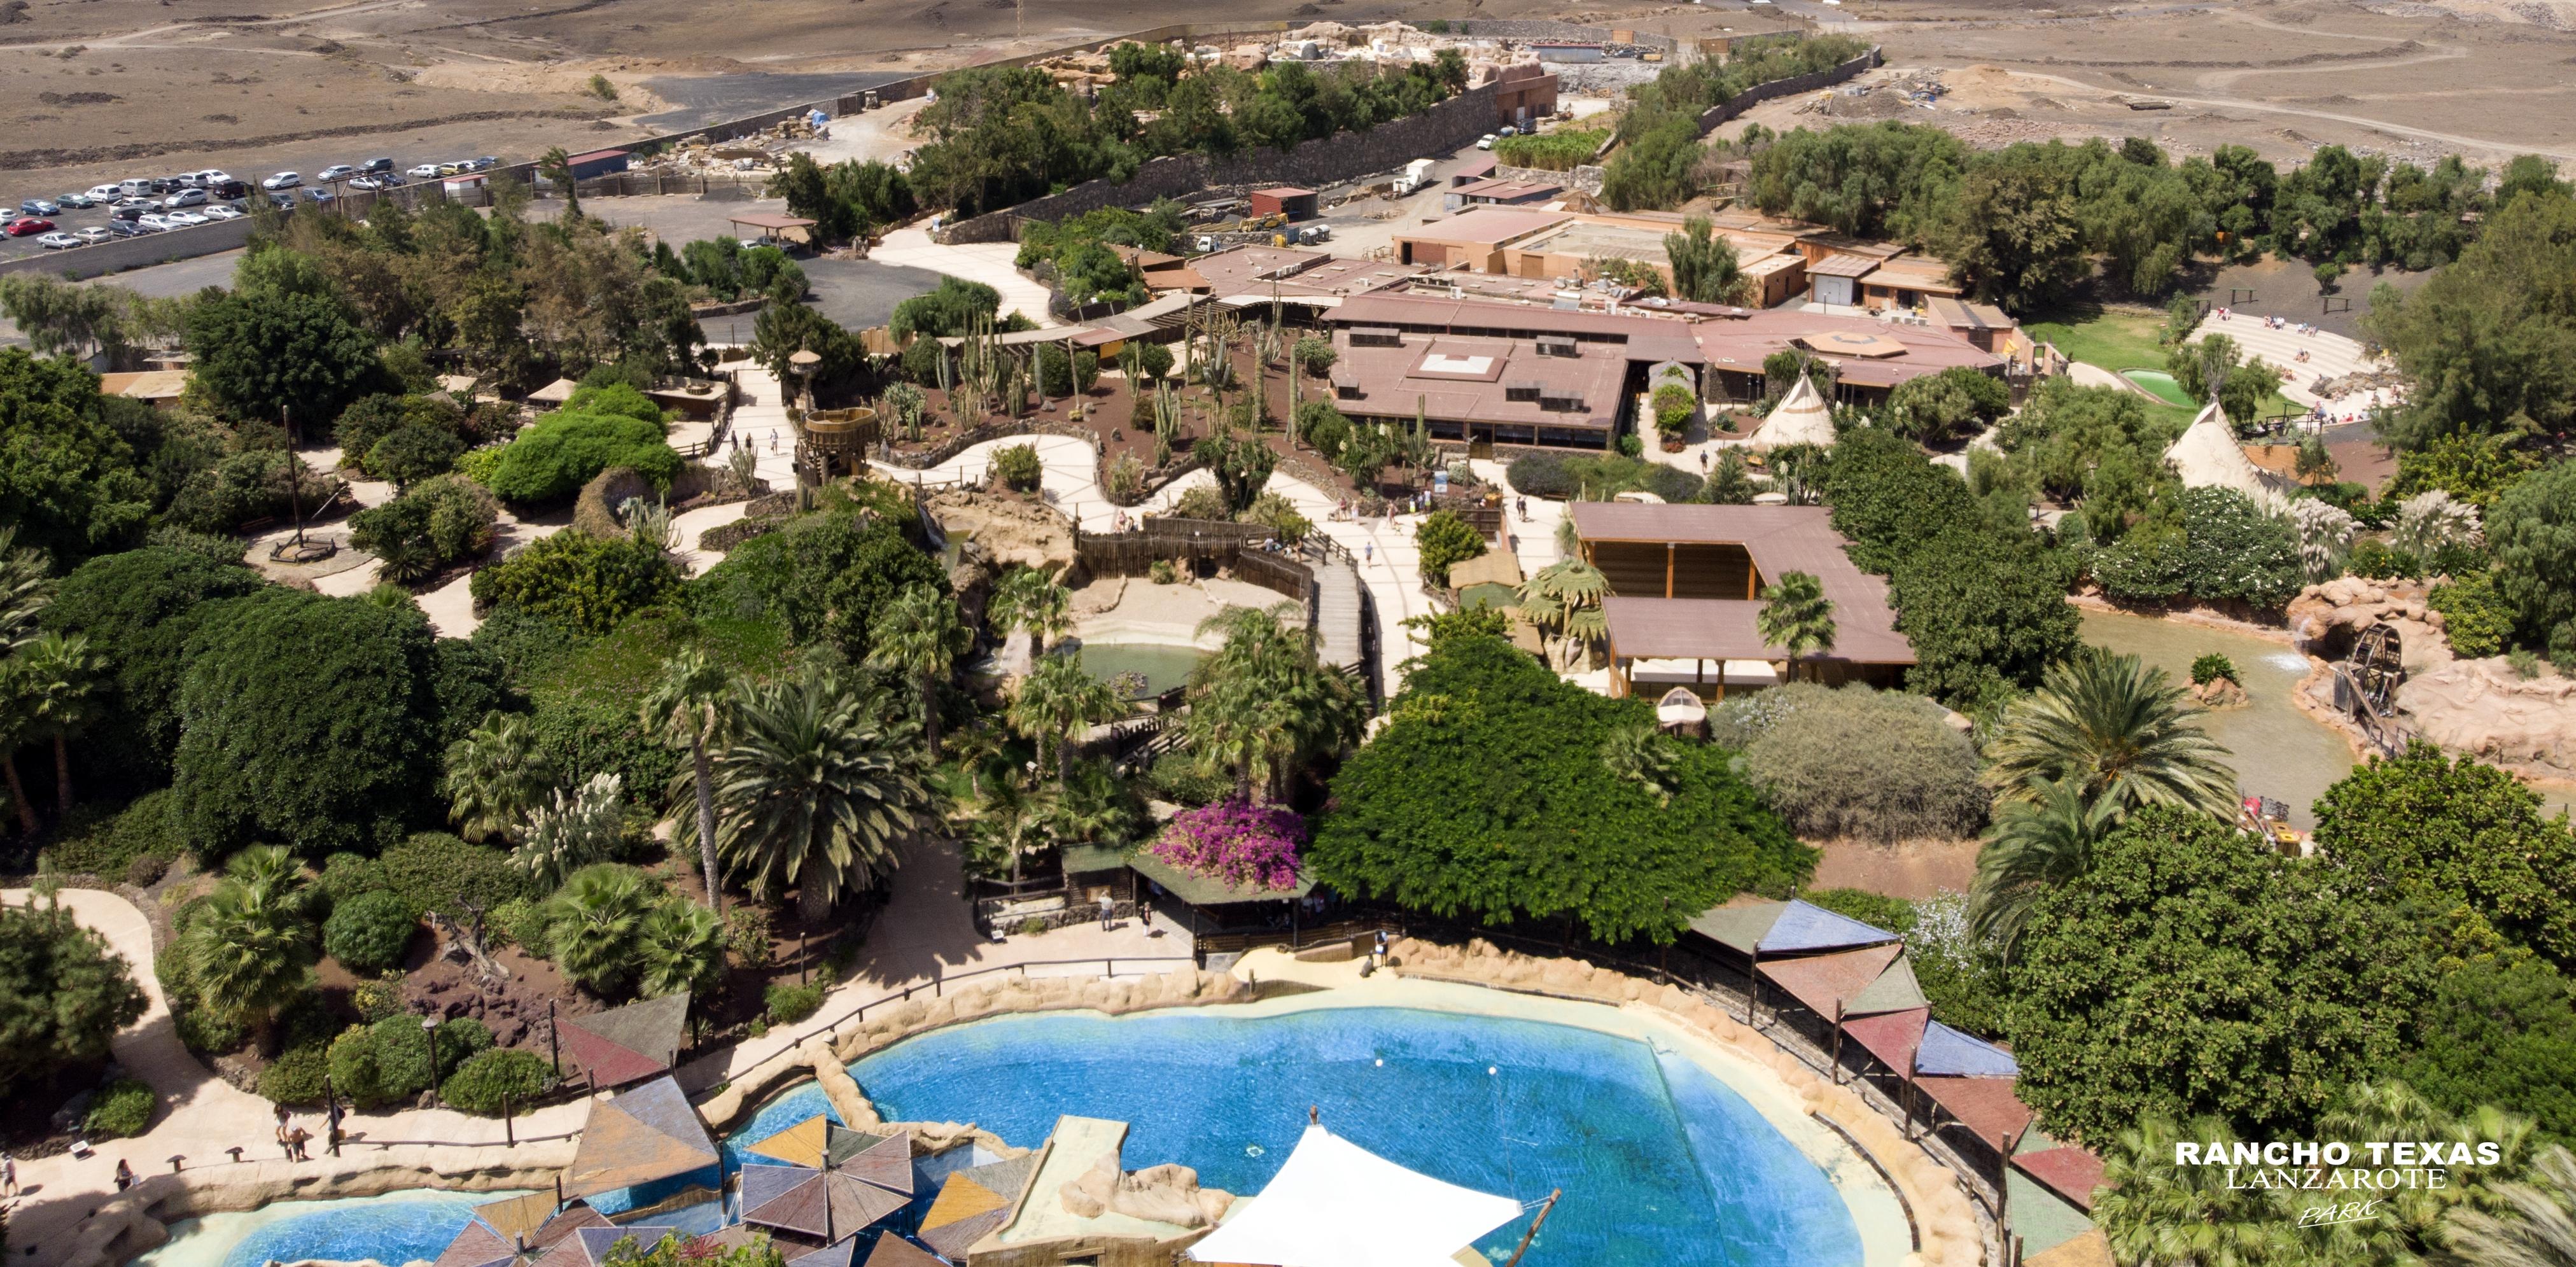 El pasado jueves 4 de abril, Rancho Texas Lanzarote Park y  la Universidad de las Palmas de Gran Canaria  firman un convenio de colaboración.